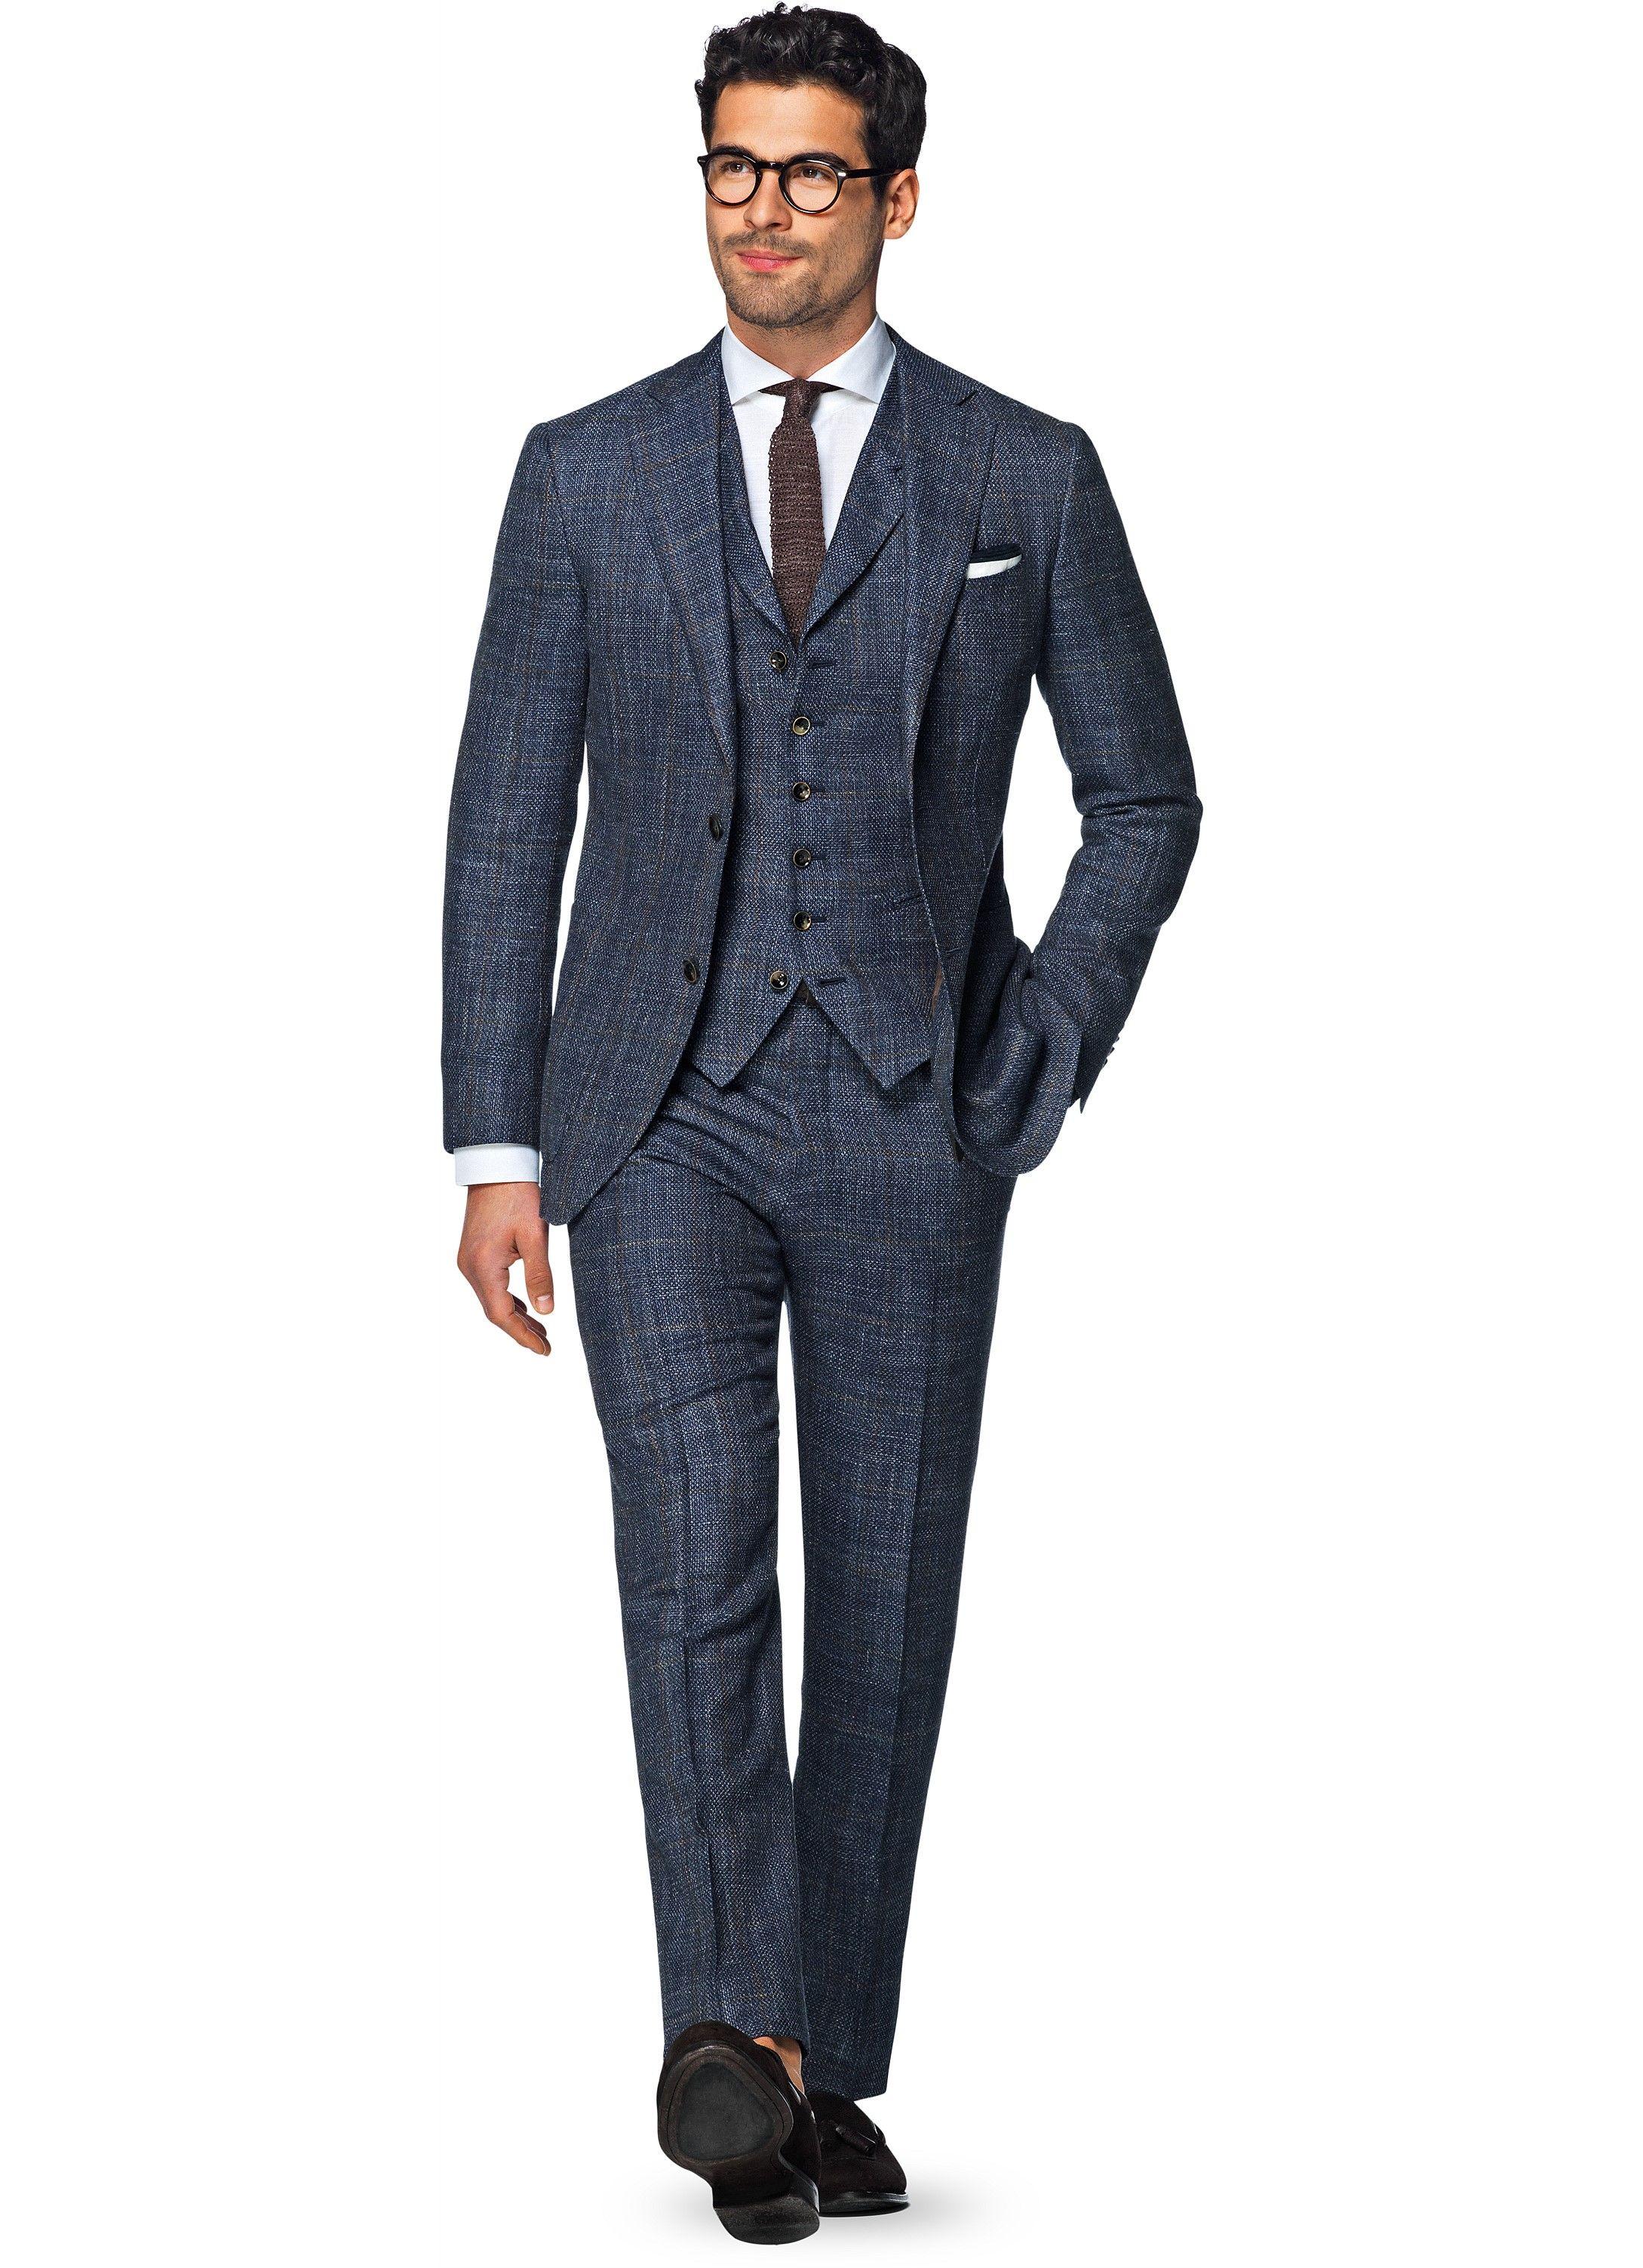 8008be7ac92486 HAVANA BLUE CHECK  699 USD Description This blue checked Havana 3-piece  suit makes an